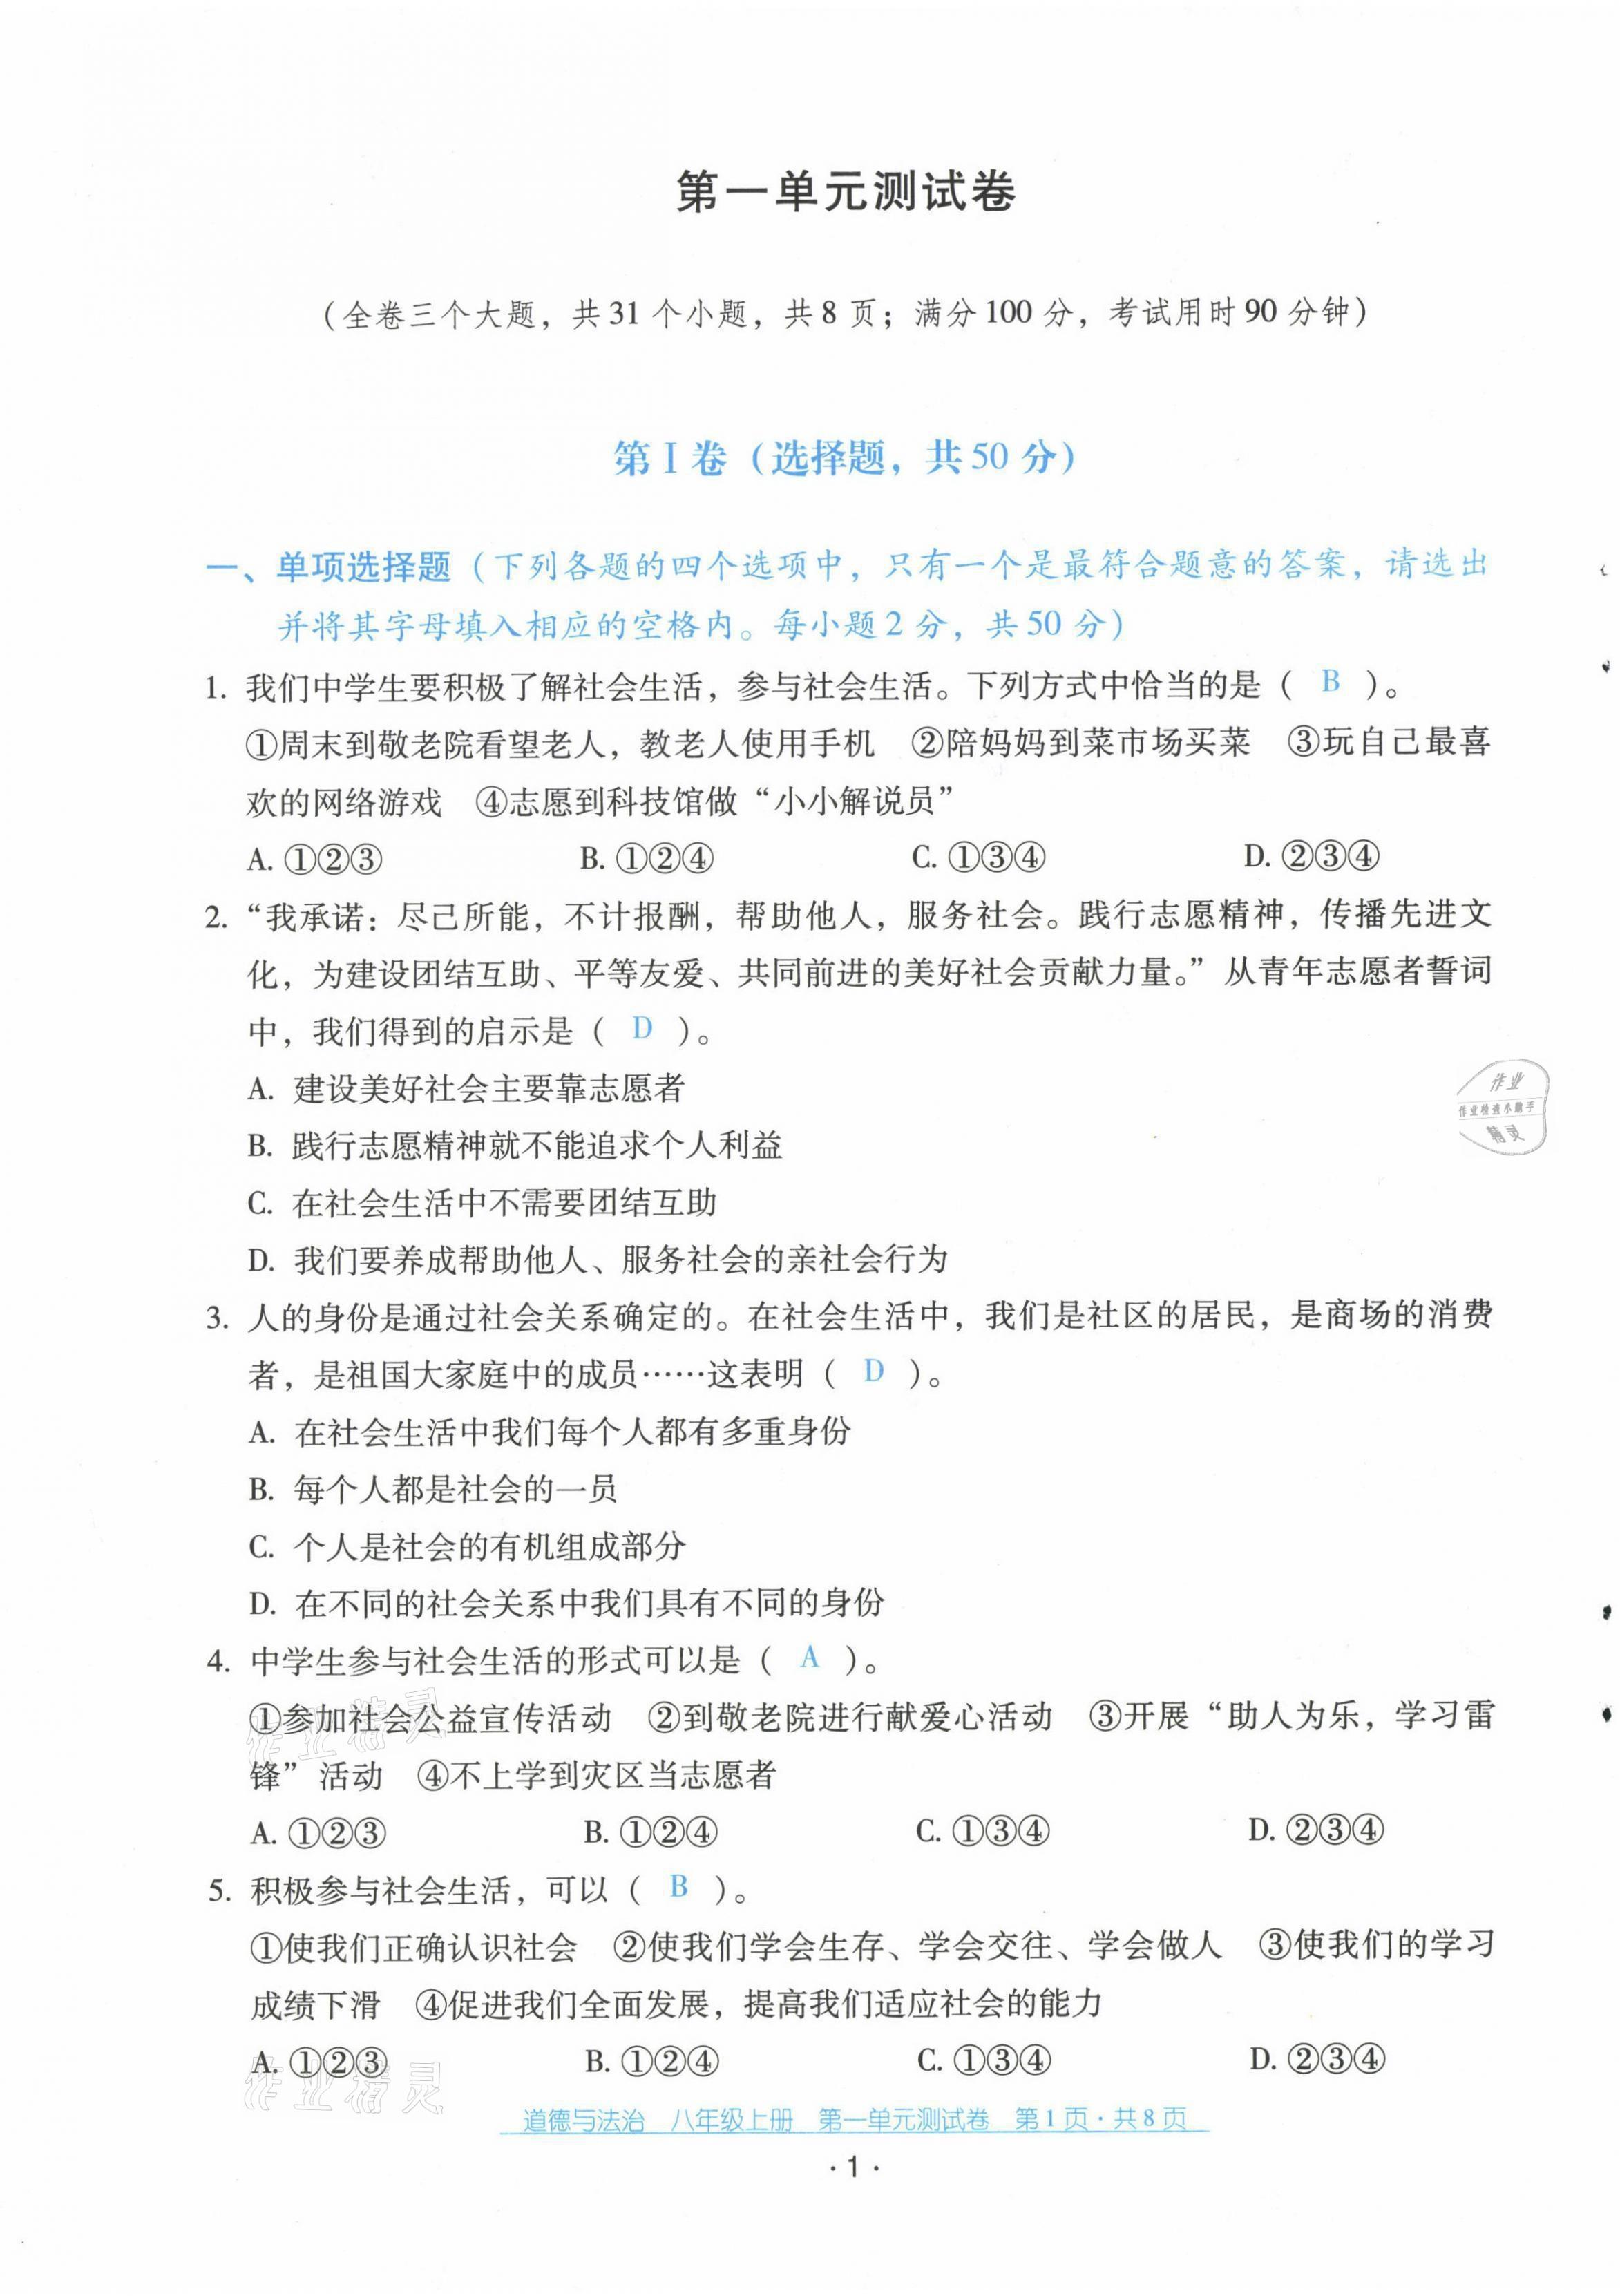 2021年云南省标准教辅优佳学案配套测试卷八年级道德与法治上册人教版第1页